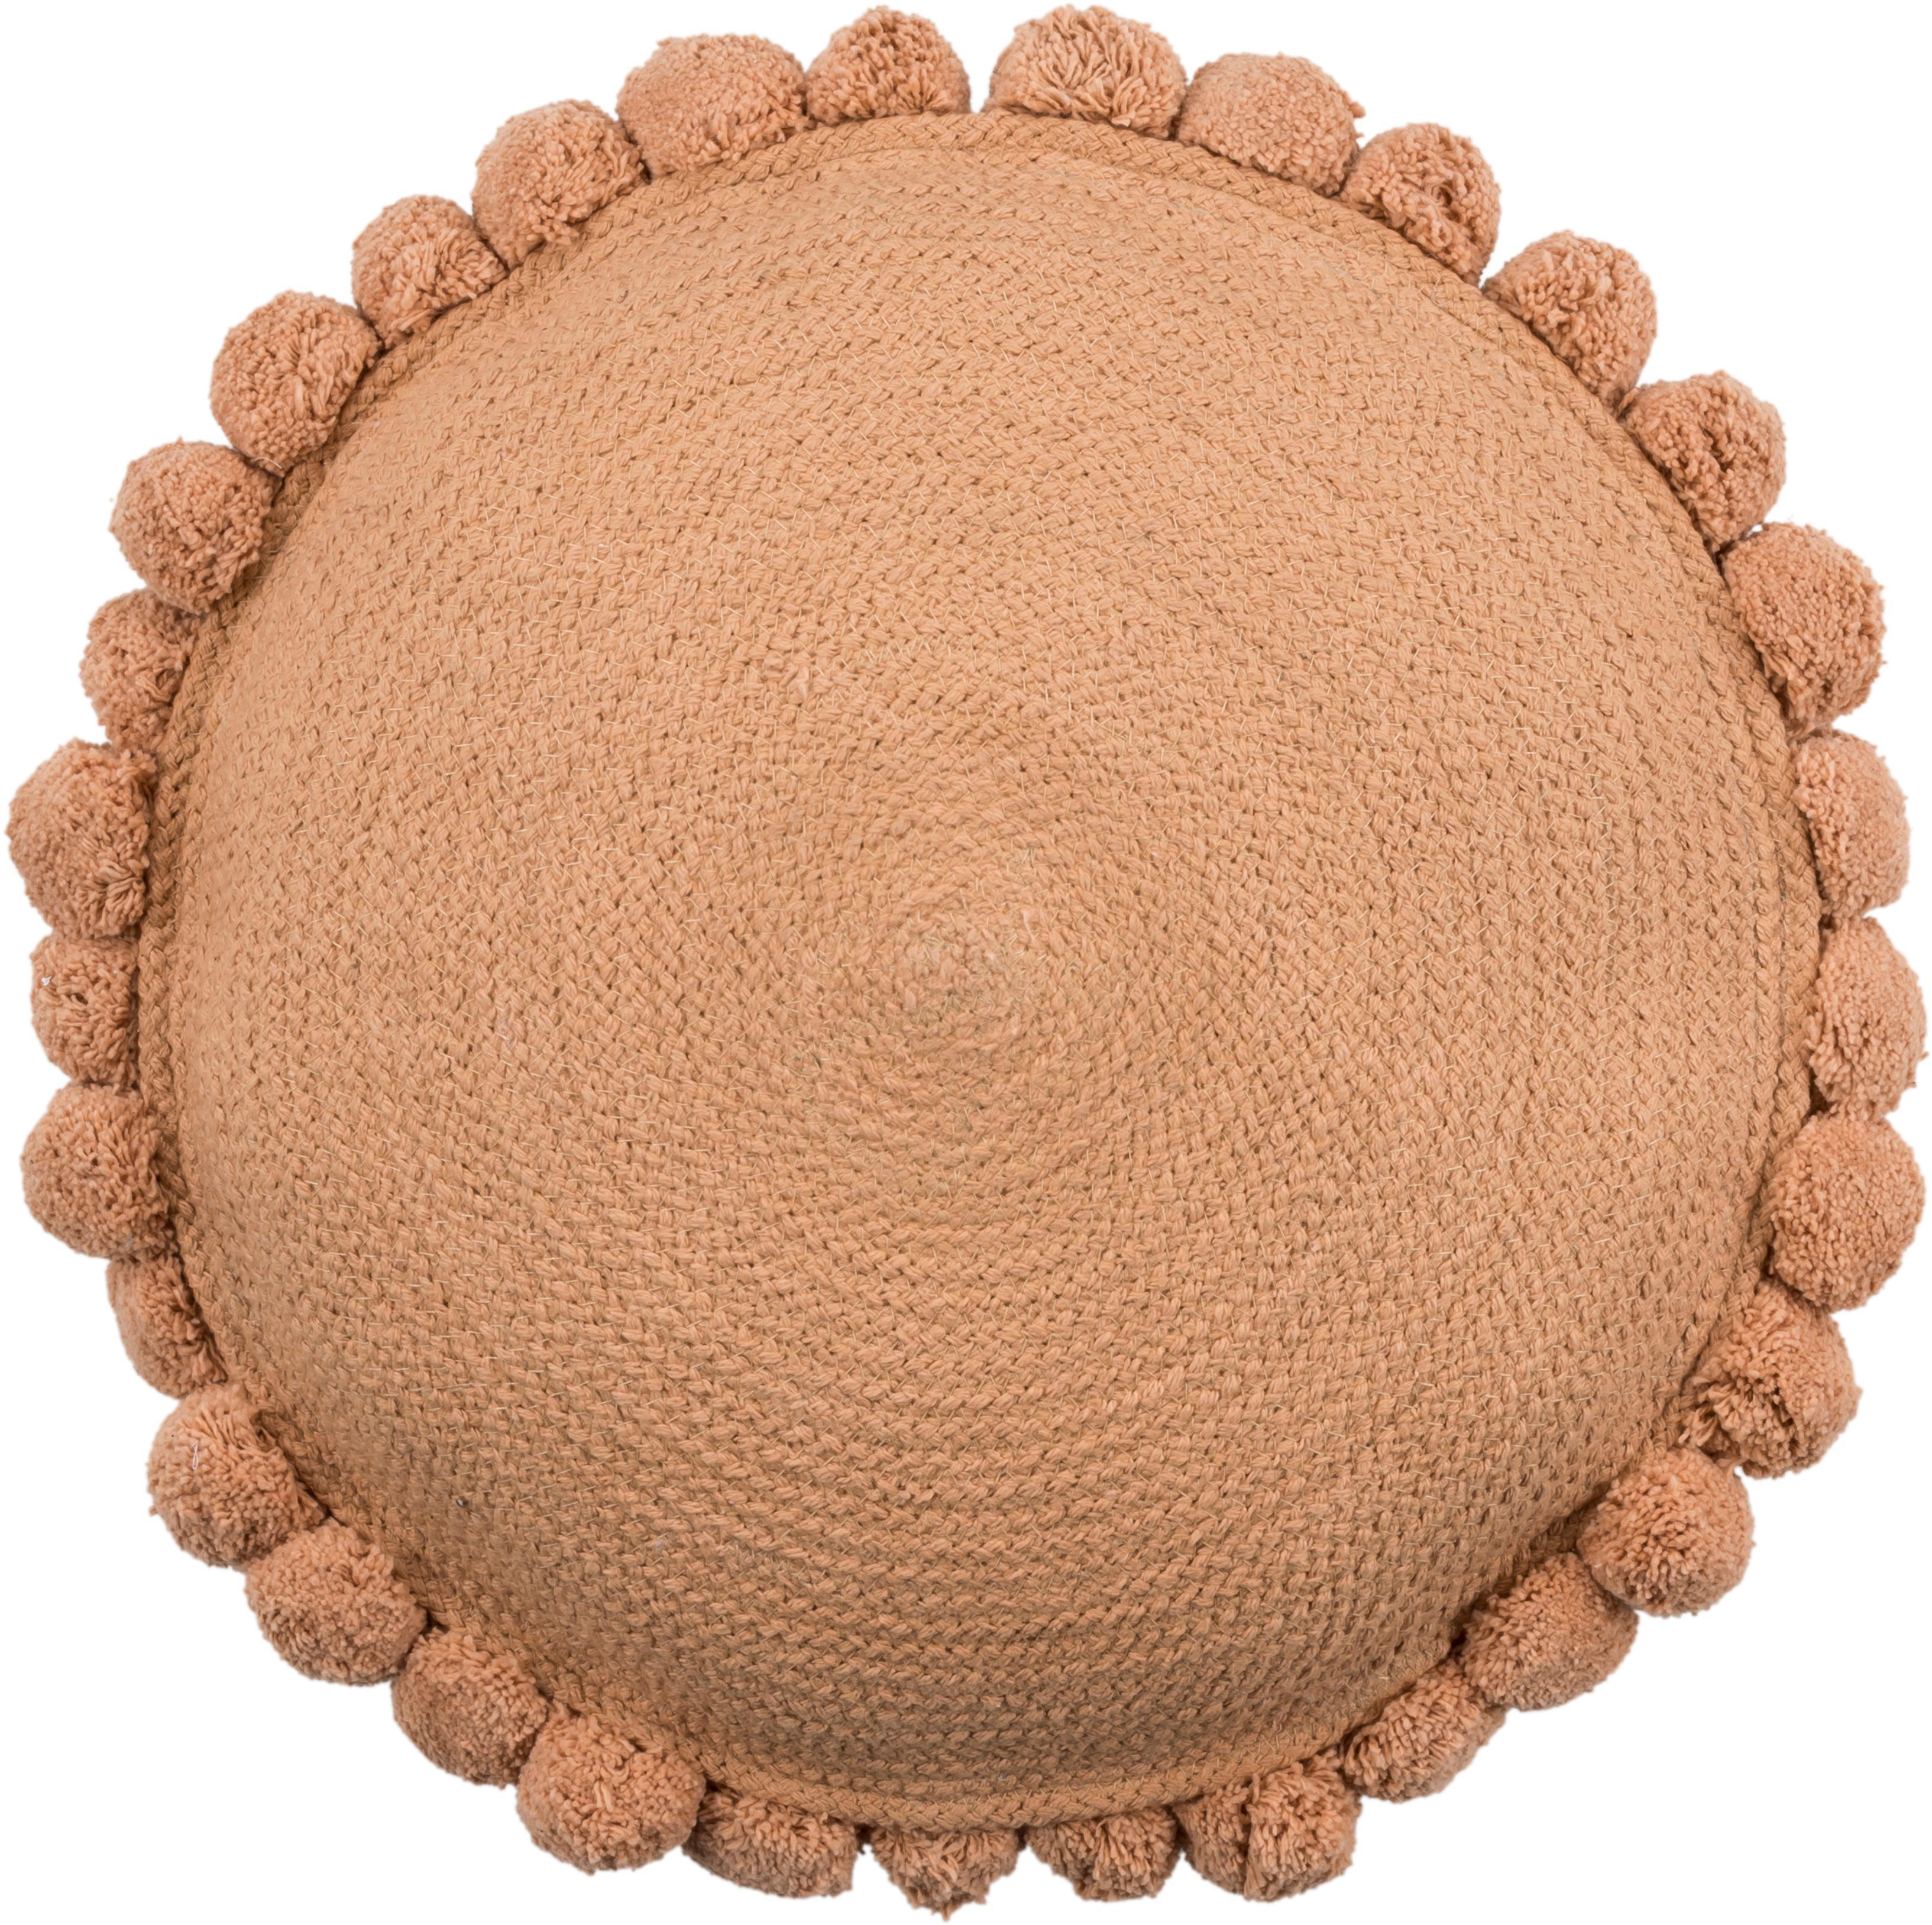 Rundes Kissen Pom Pom, mit Inlett, 100% Baumwolle, Braun, Ø 40 cm